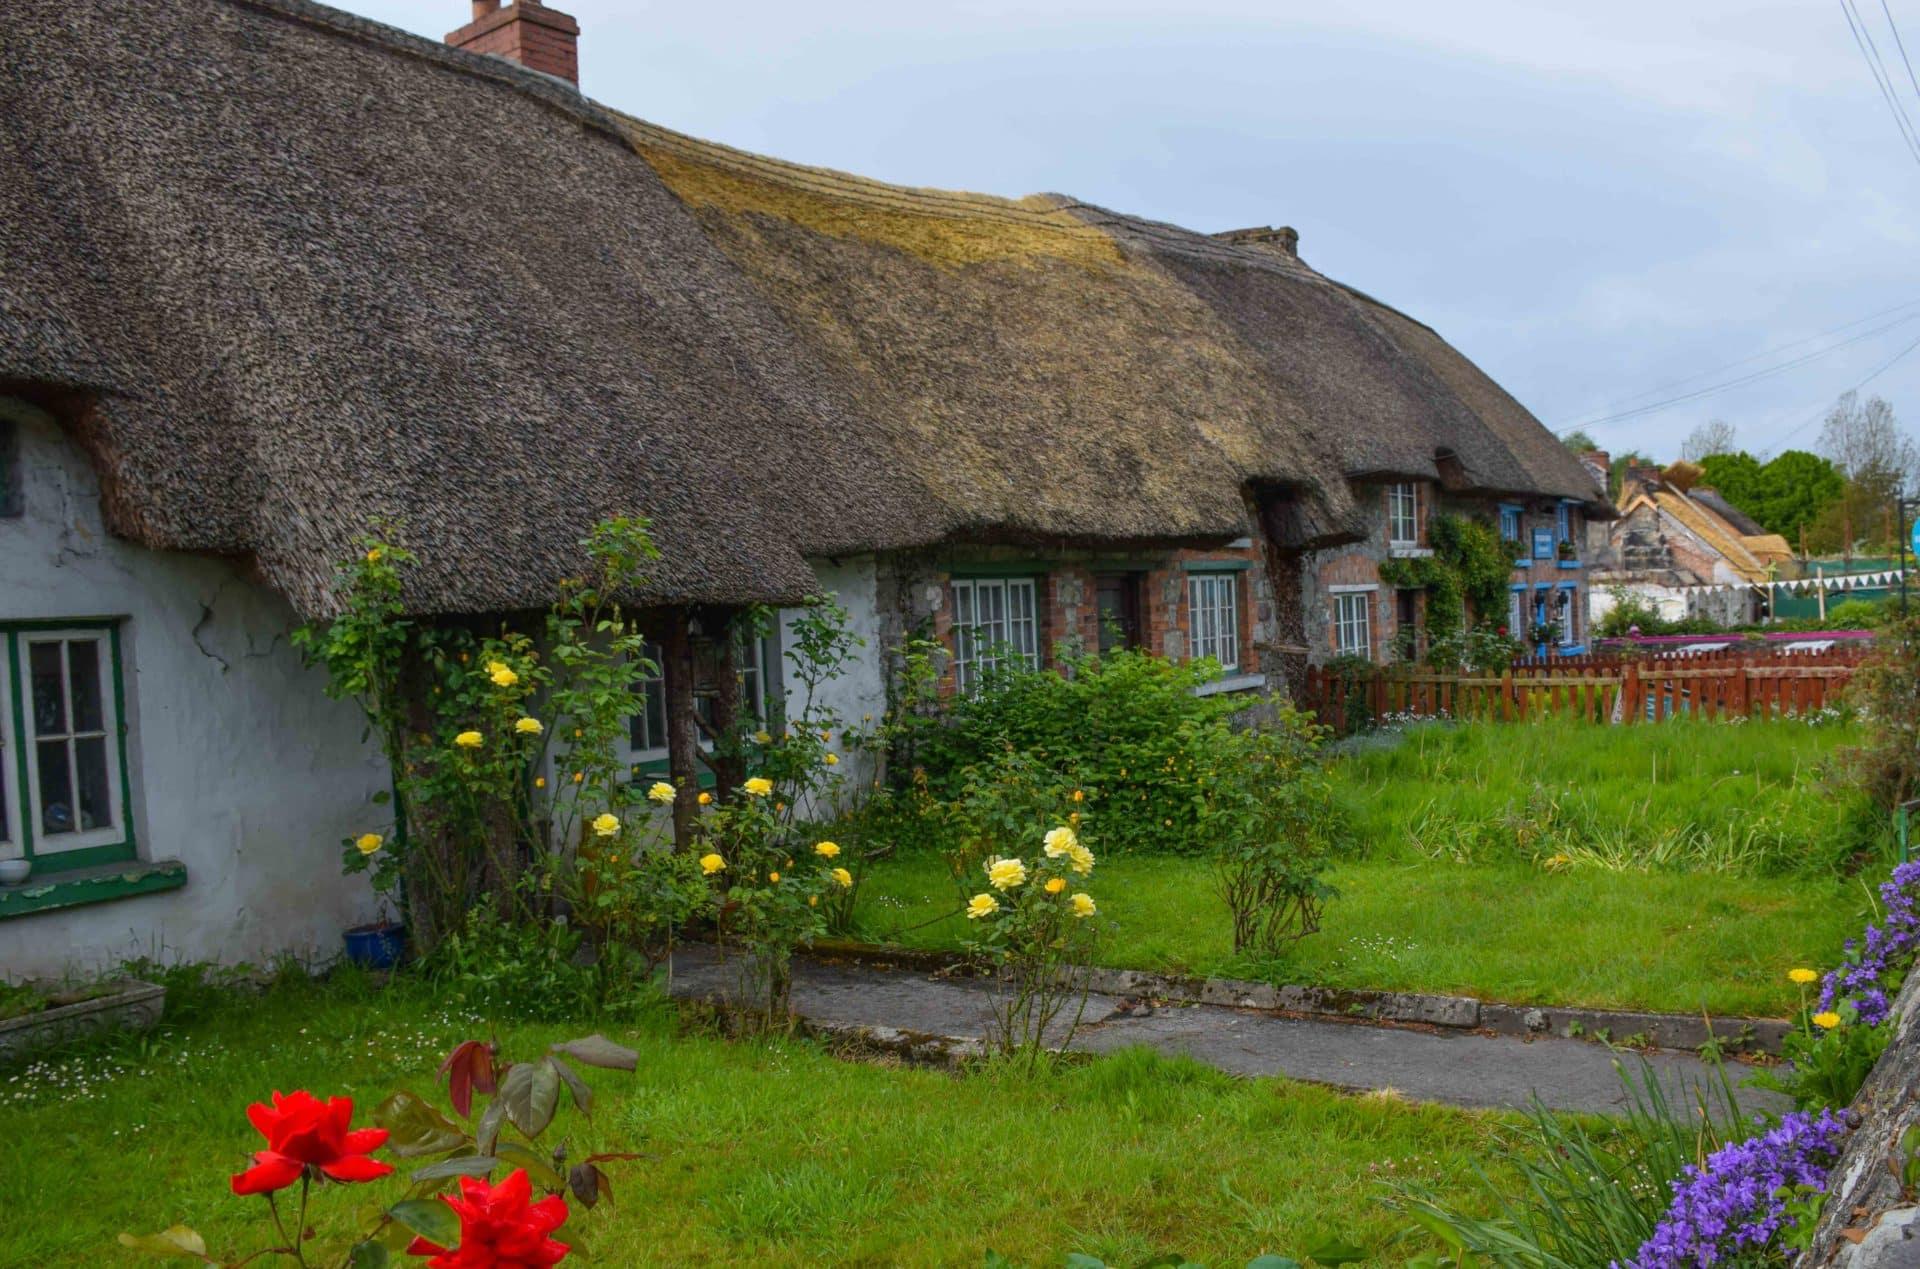 Adare Ireland Cottages